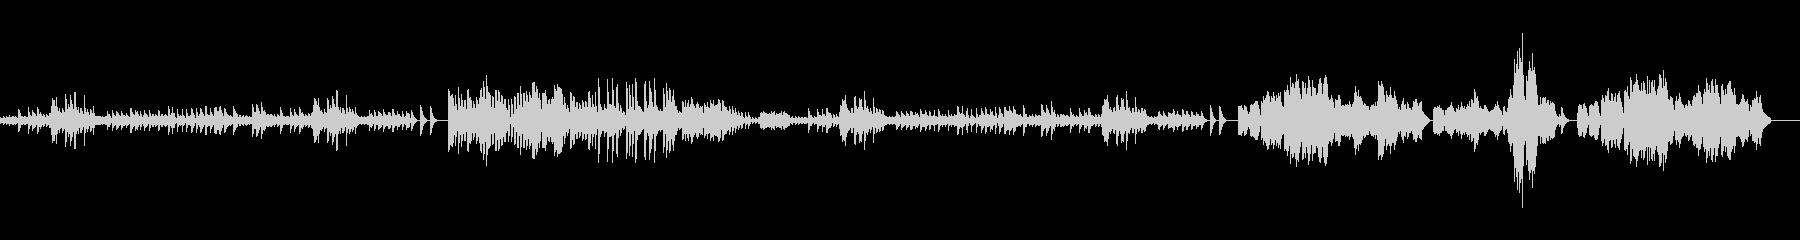 ブルックナーのロマンティックな幻想曲の未再生の波形